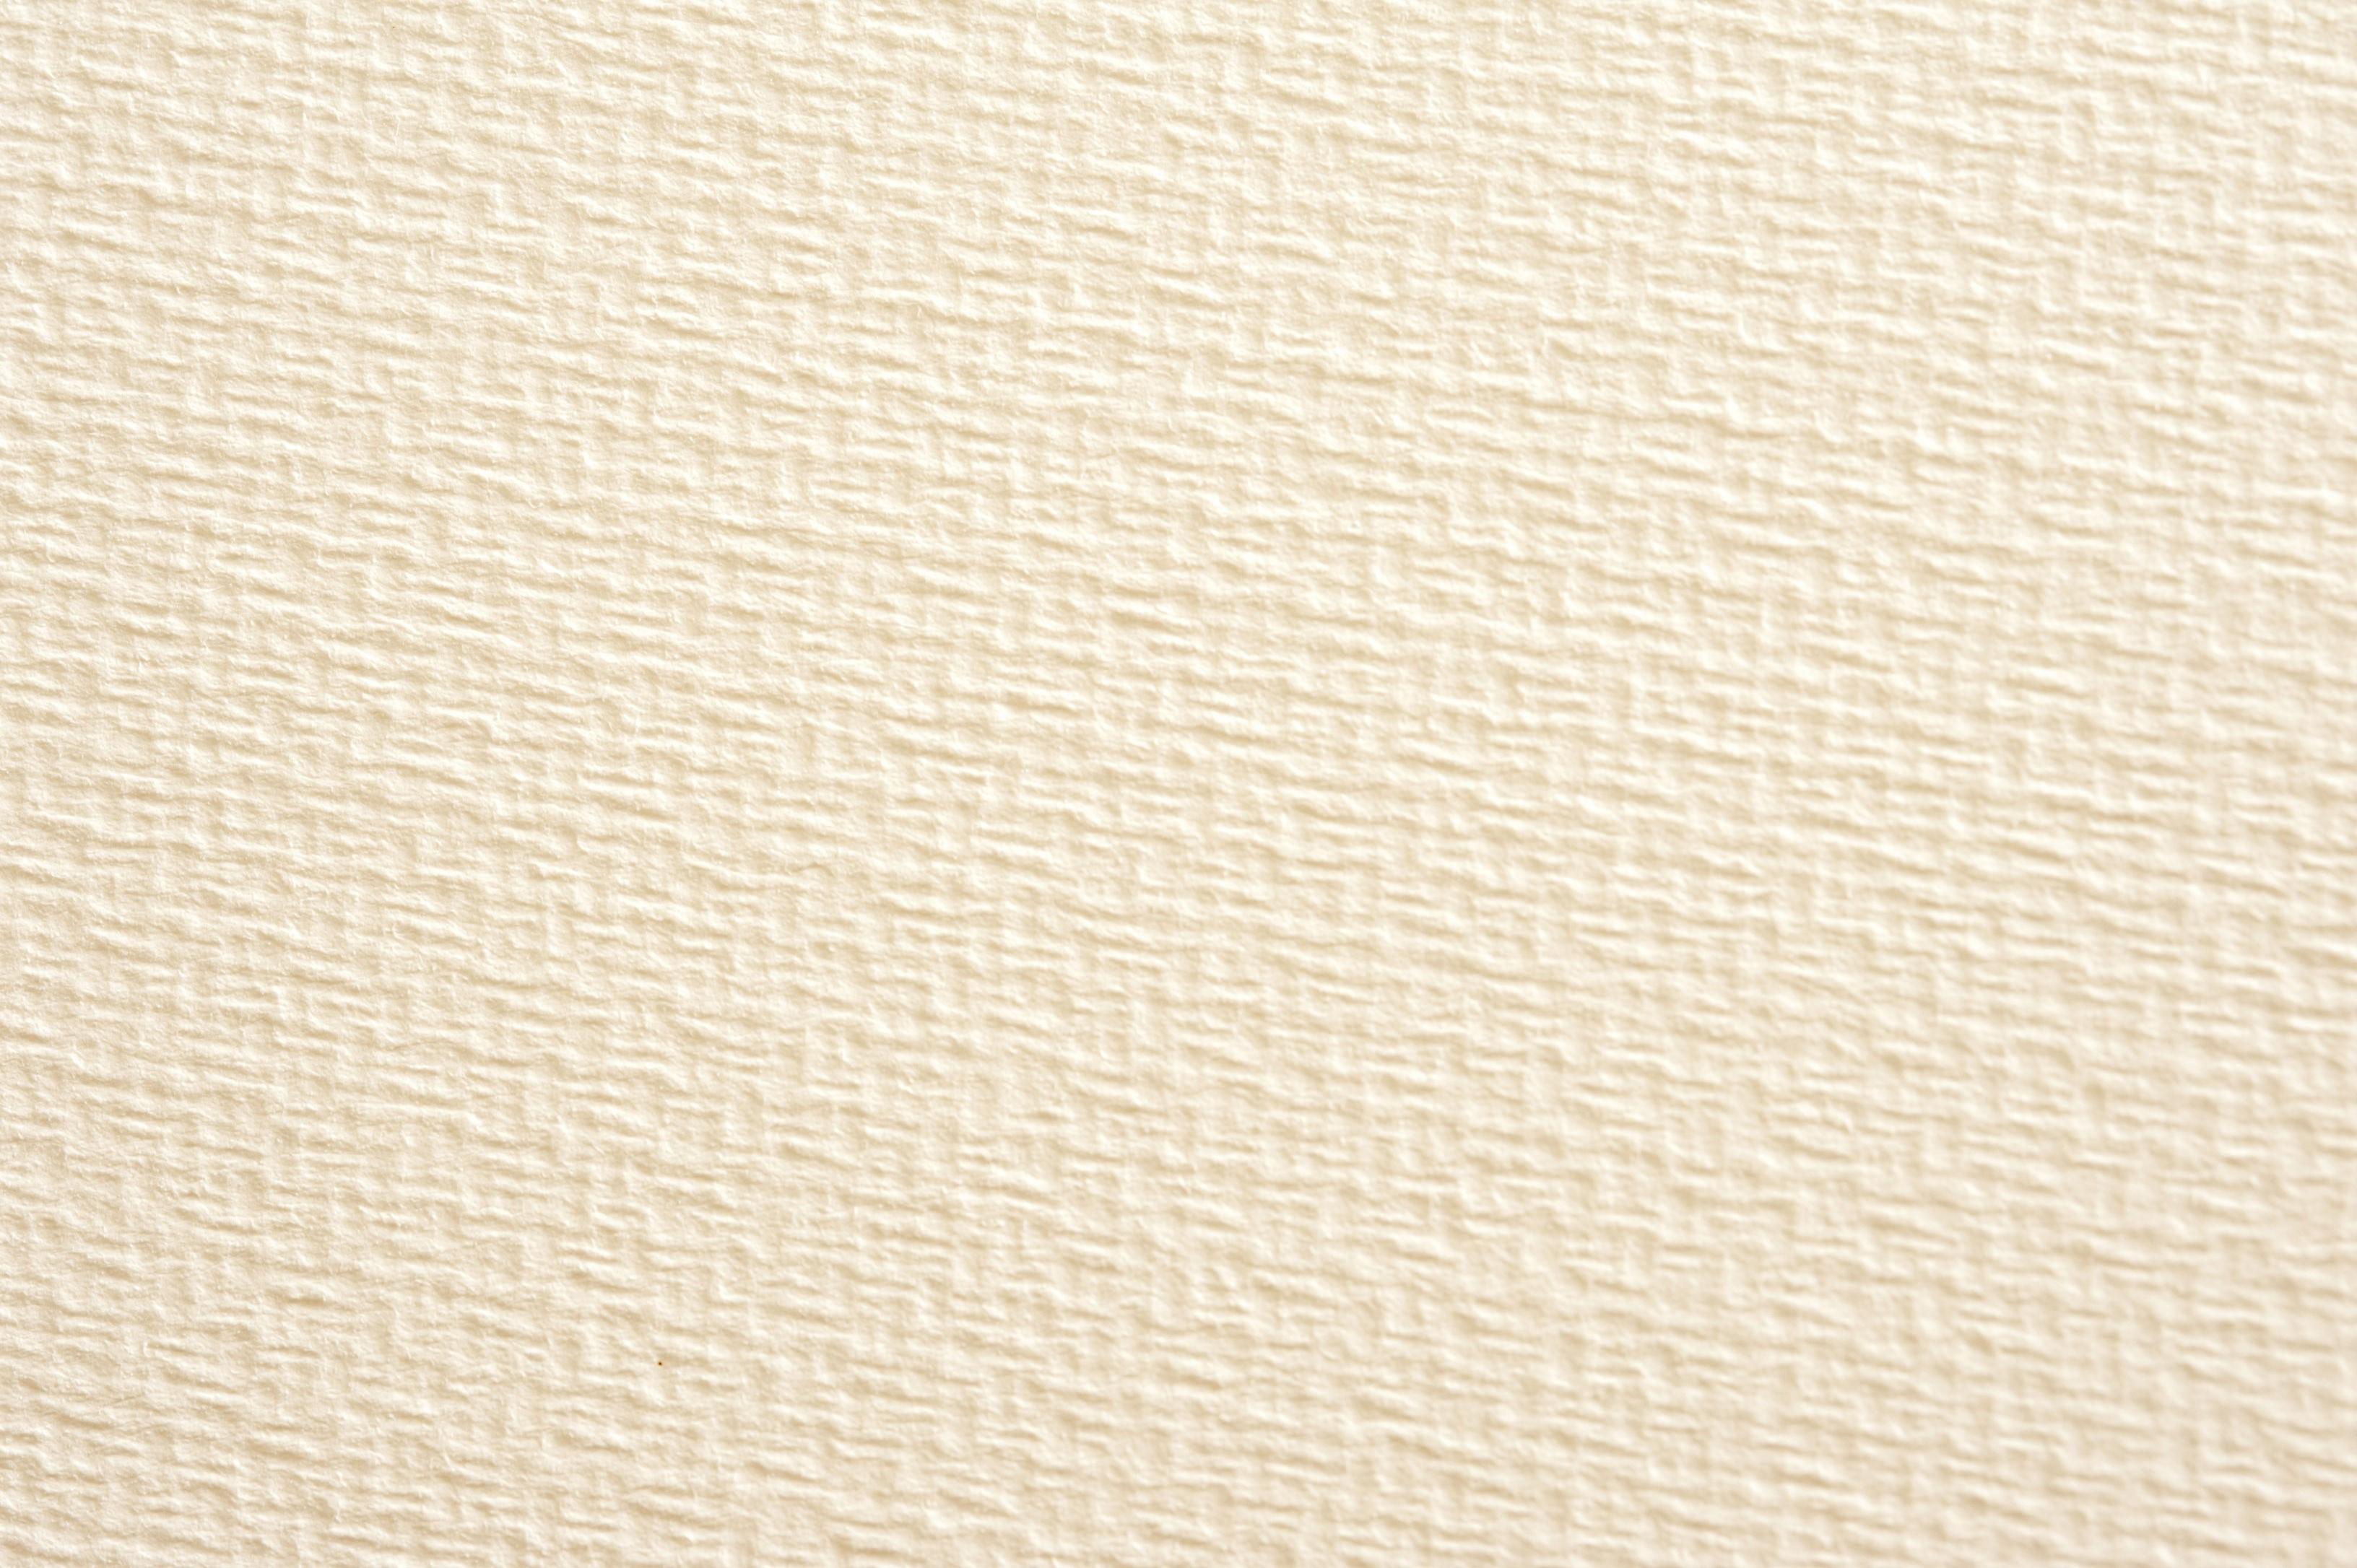 linnen paper texture free